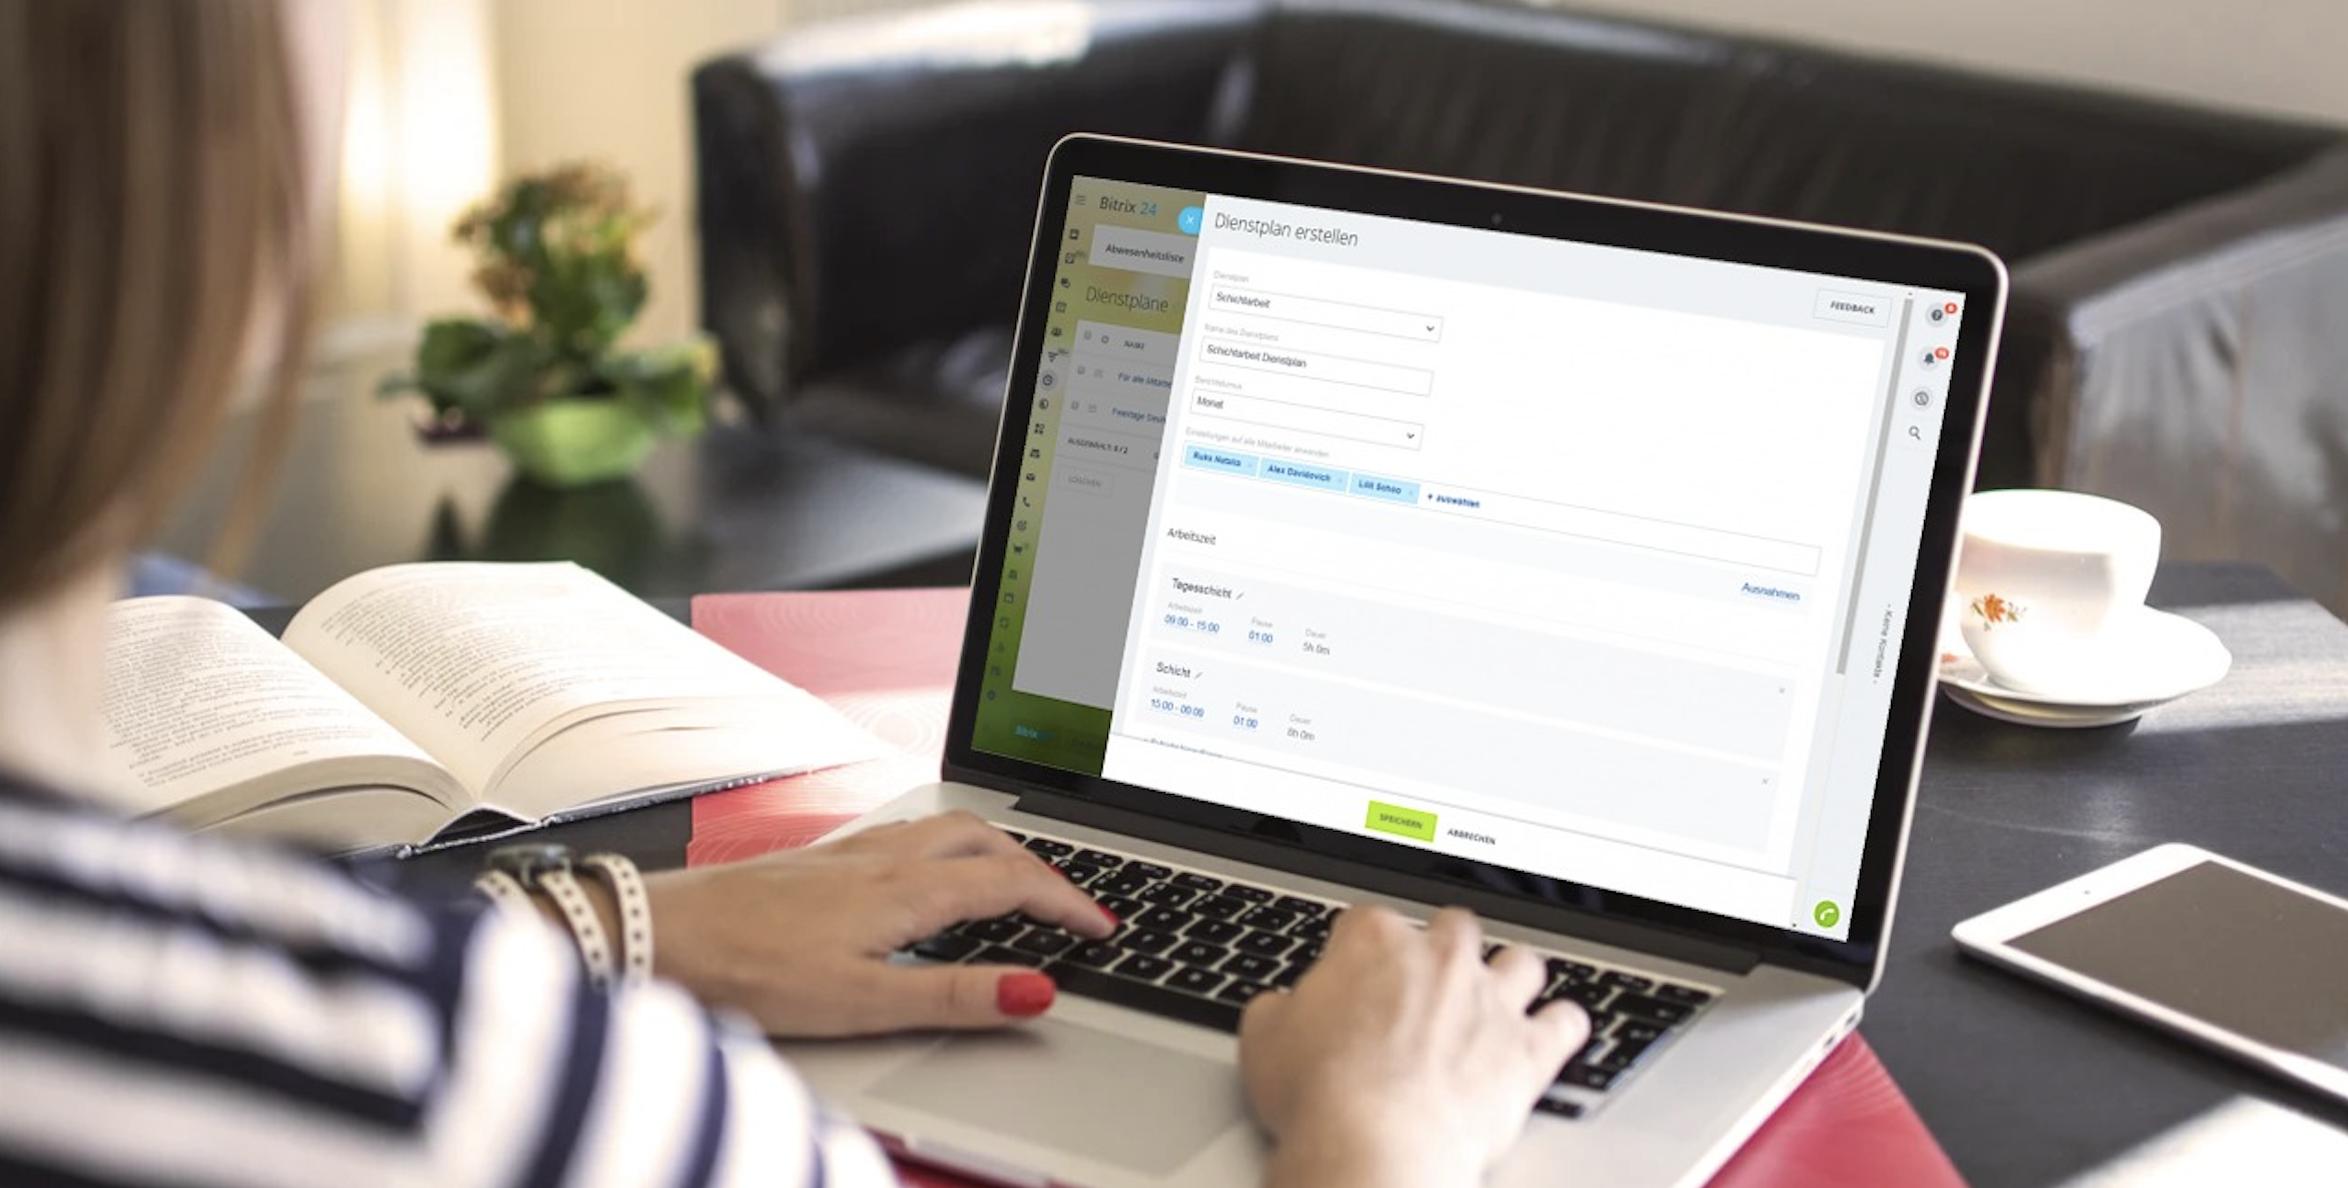 Bitrix24 ermöglicht perfekte Erstellung und Konfiguration der Dienstpläne